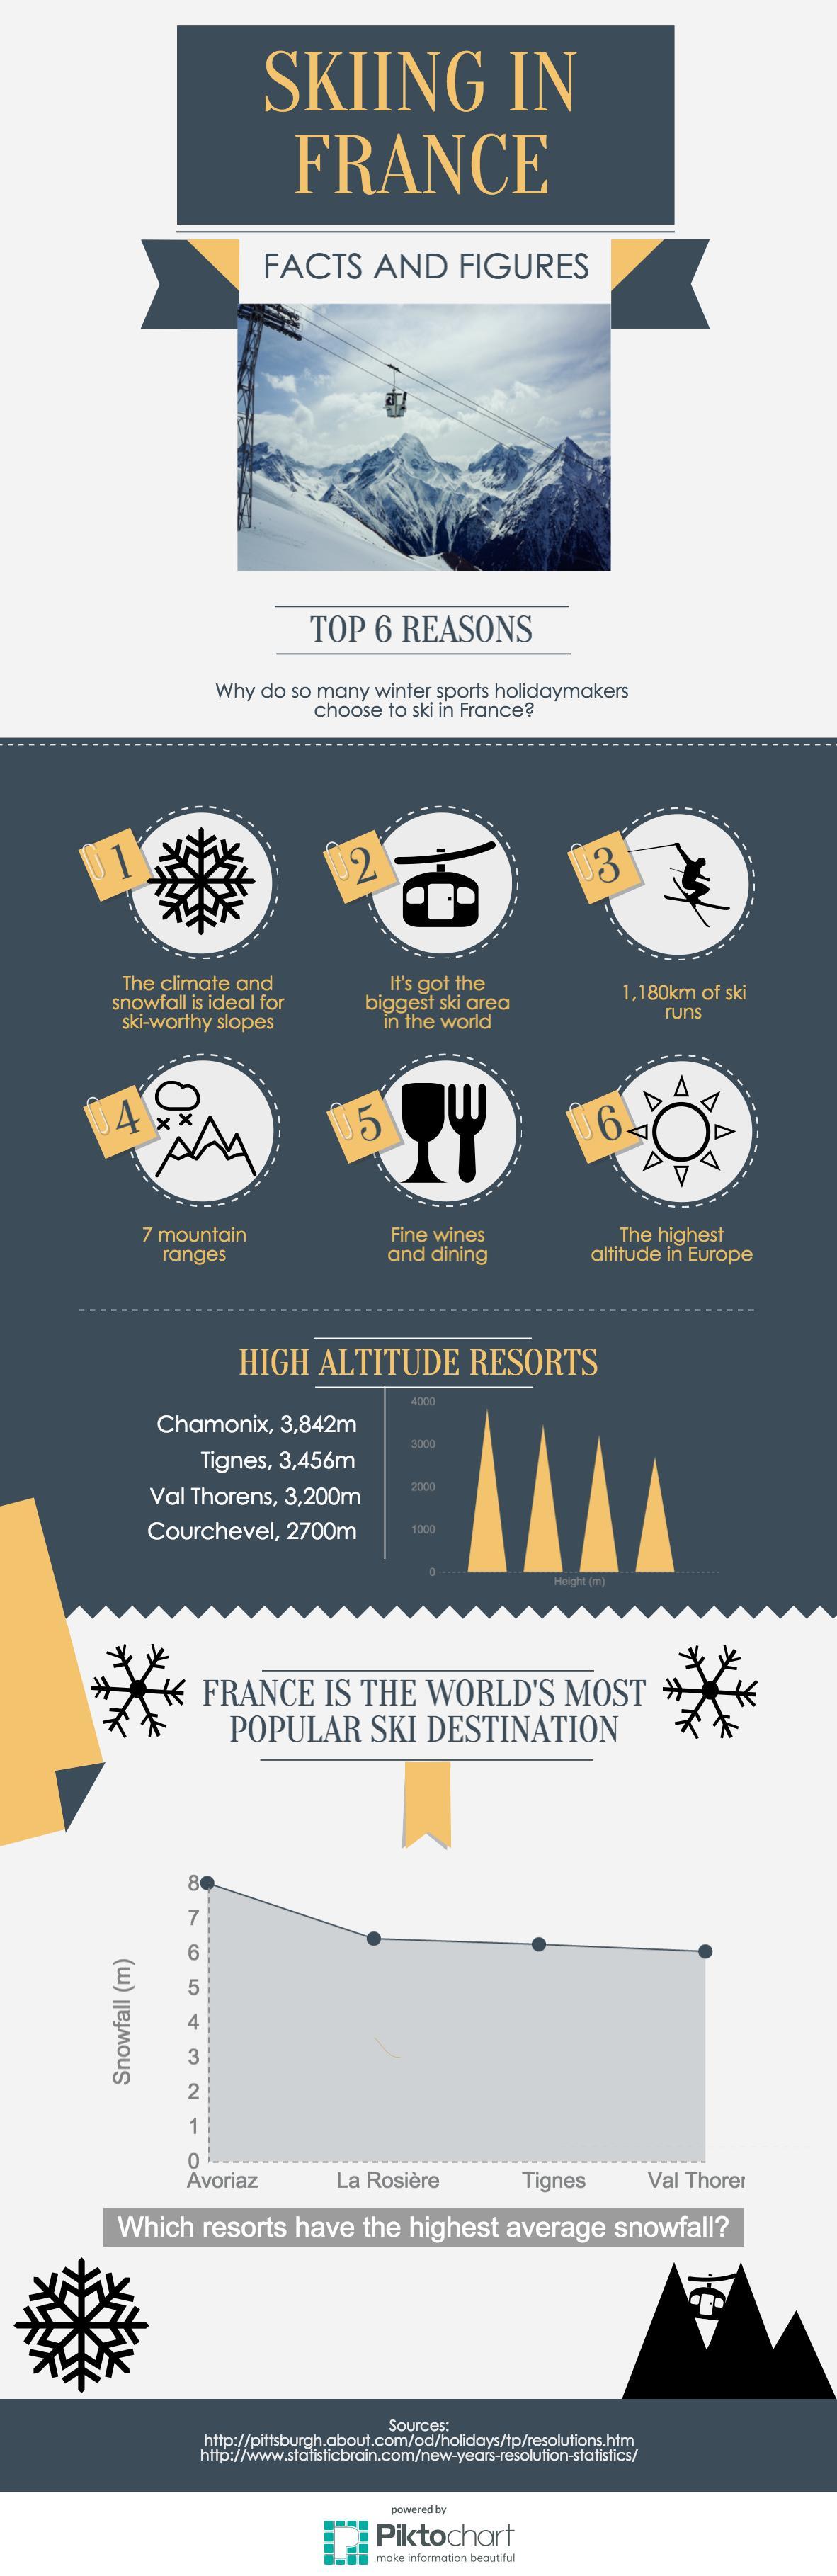 ski in france infographic